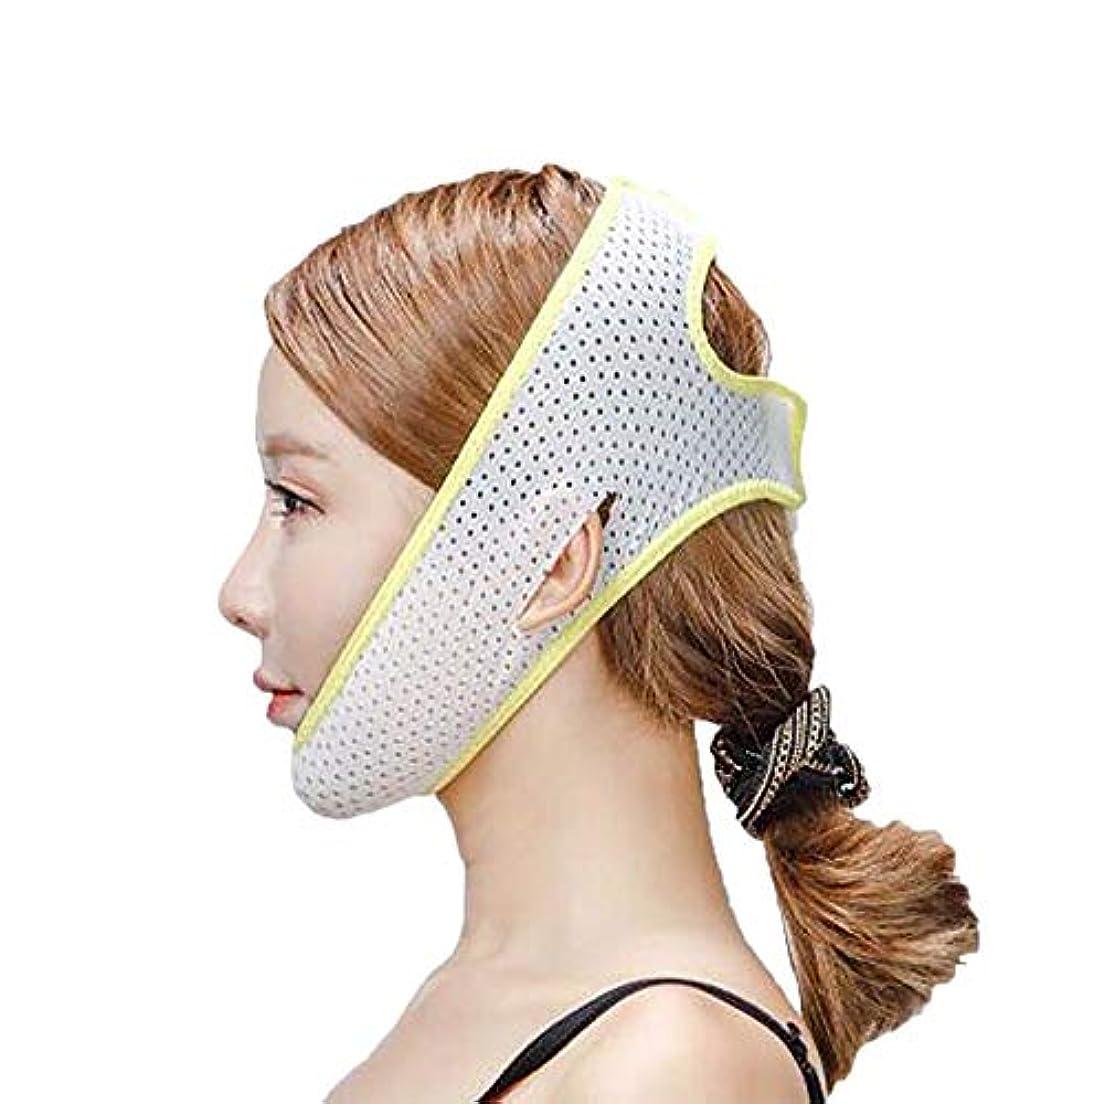 昇進食事を調理する舌なフェイスリフトマスク、ダブルチンストラップ、フェイシャル減量マスク、フェイシャルダブルチンケアスリミングマスク、リンクルマスク(フリーサイズ) (Color : Yellow)